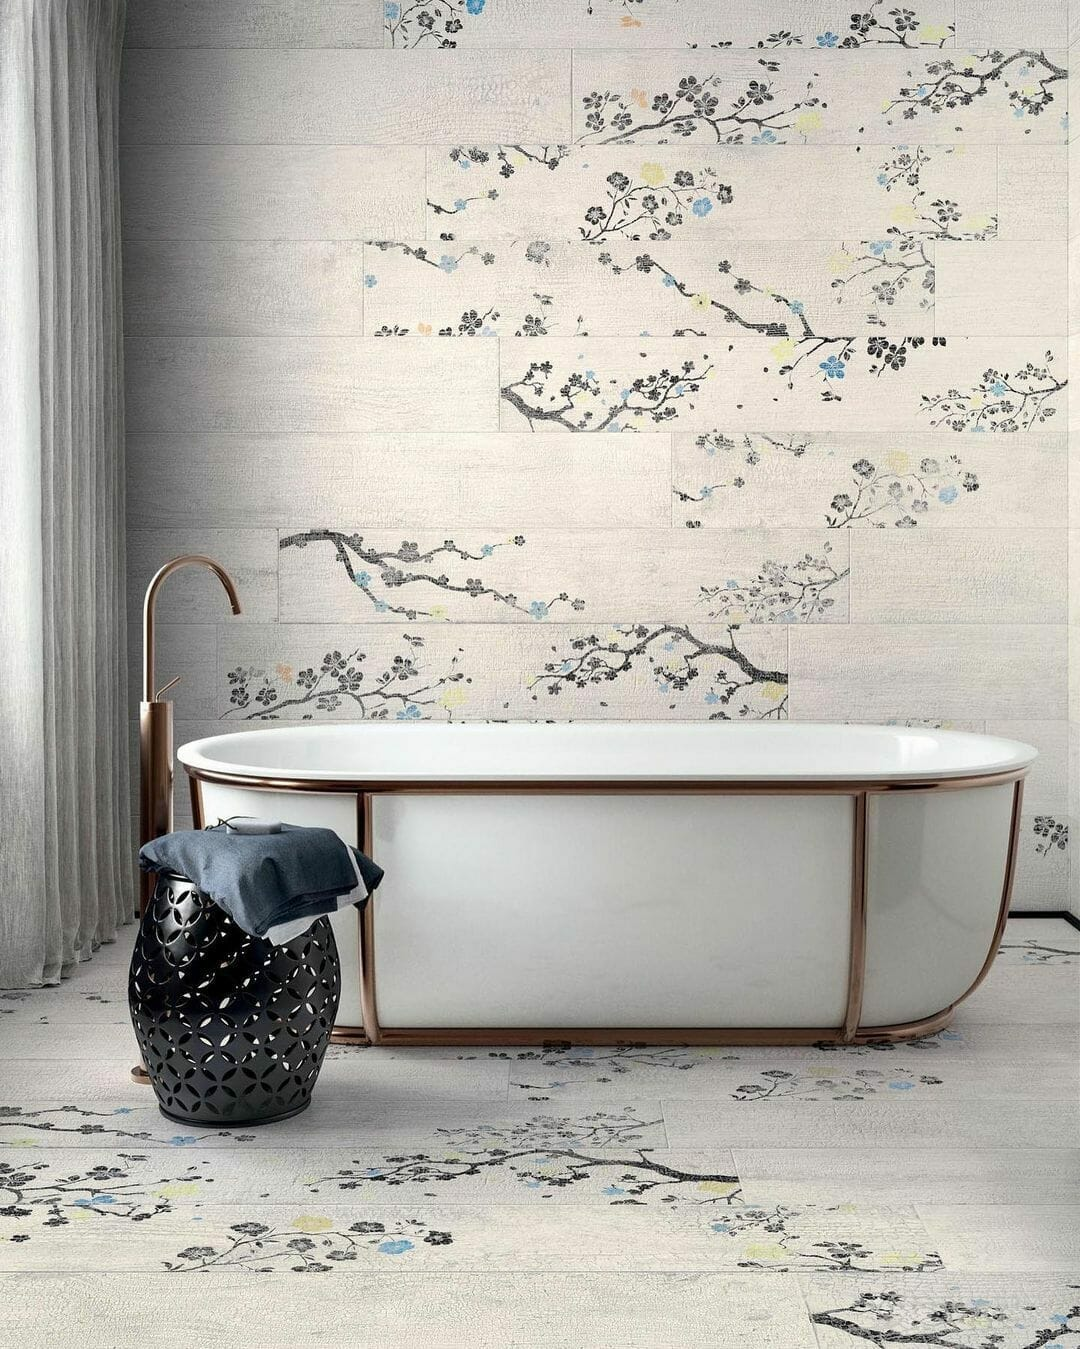 Kasai Carta Sakura porcelain tiles from Tile Club